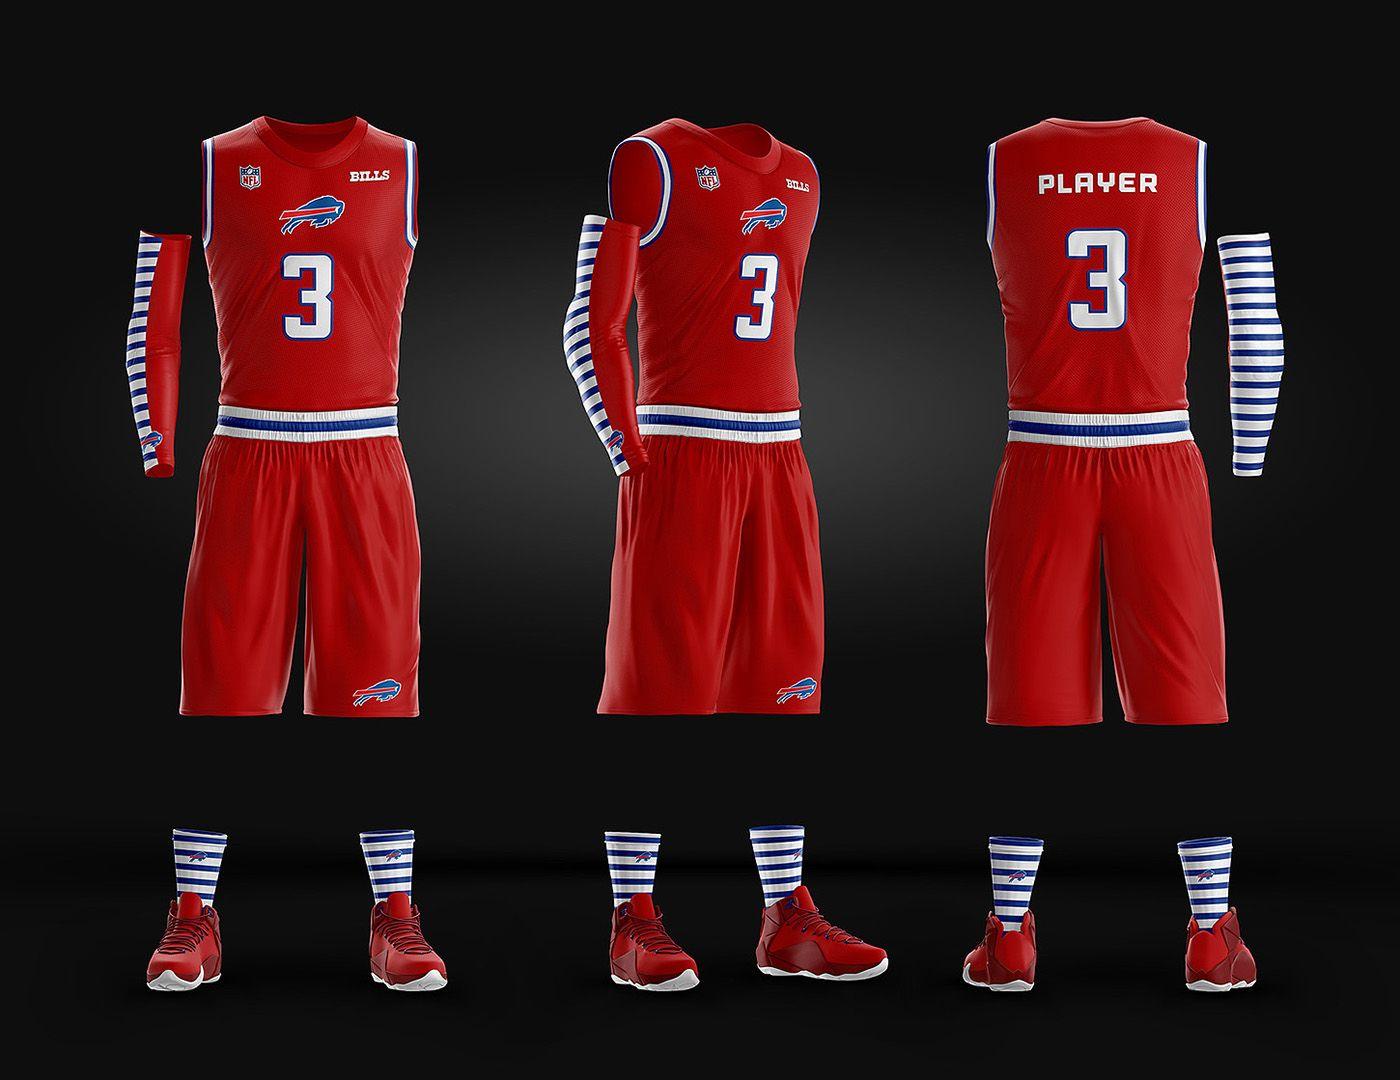 Download Basketball Uniform Jersey Psd Template On Behance Basketball Uniforms Basketball Uniforms Design Jersey Design